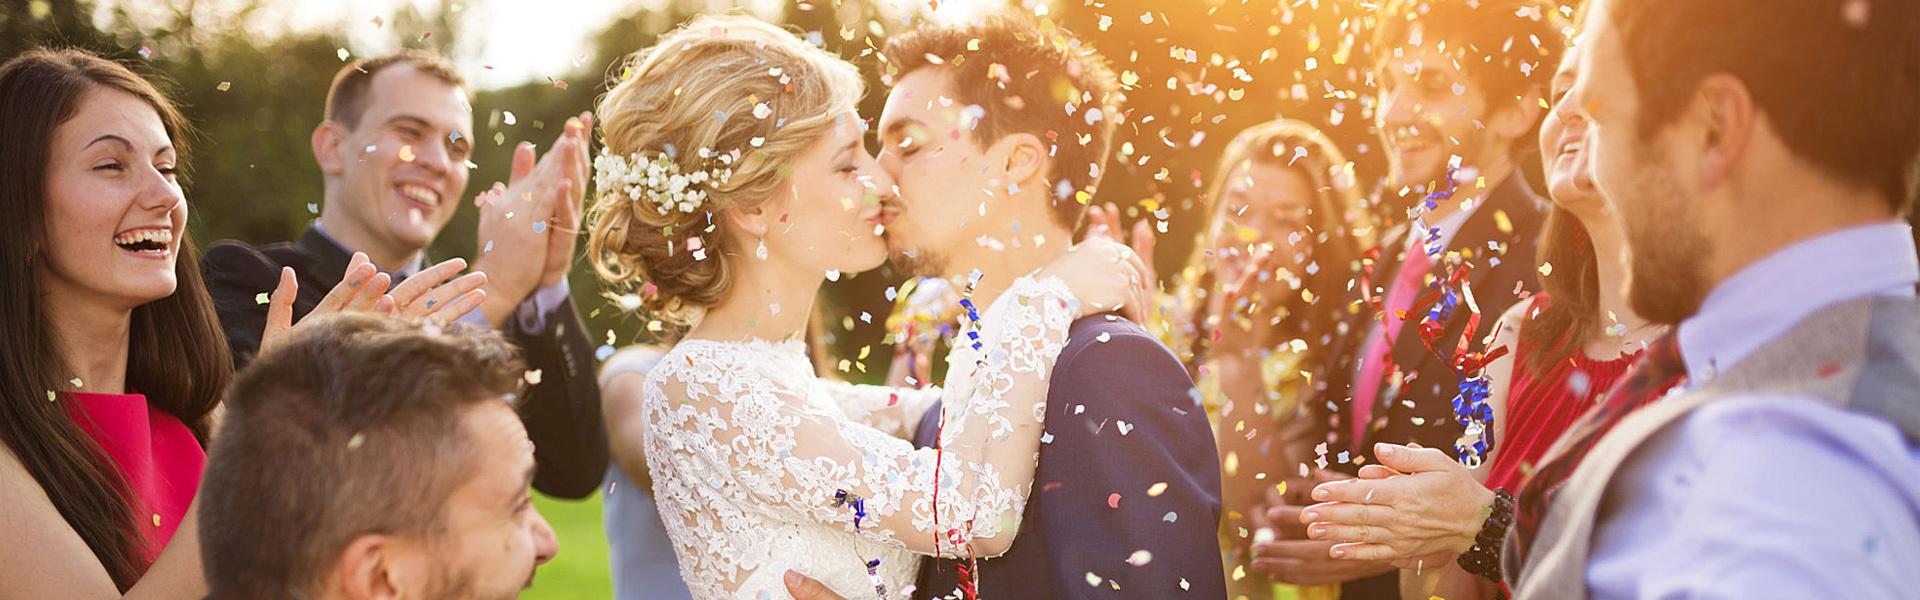 择一场婚礼  叙一段故 事 携一生相守